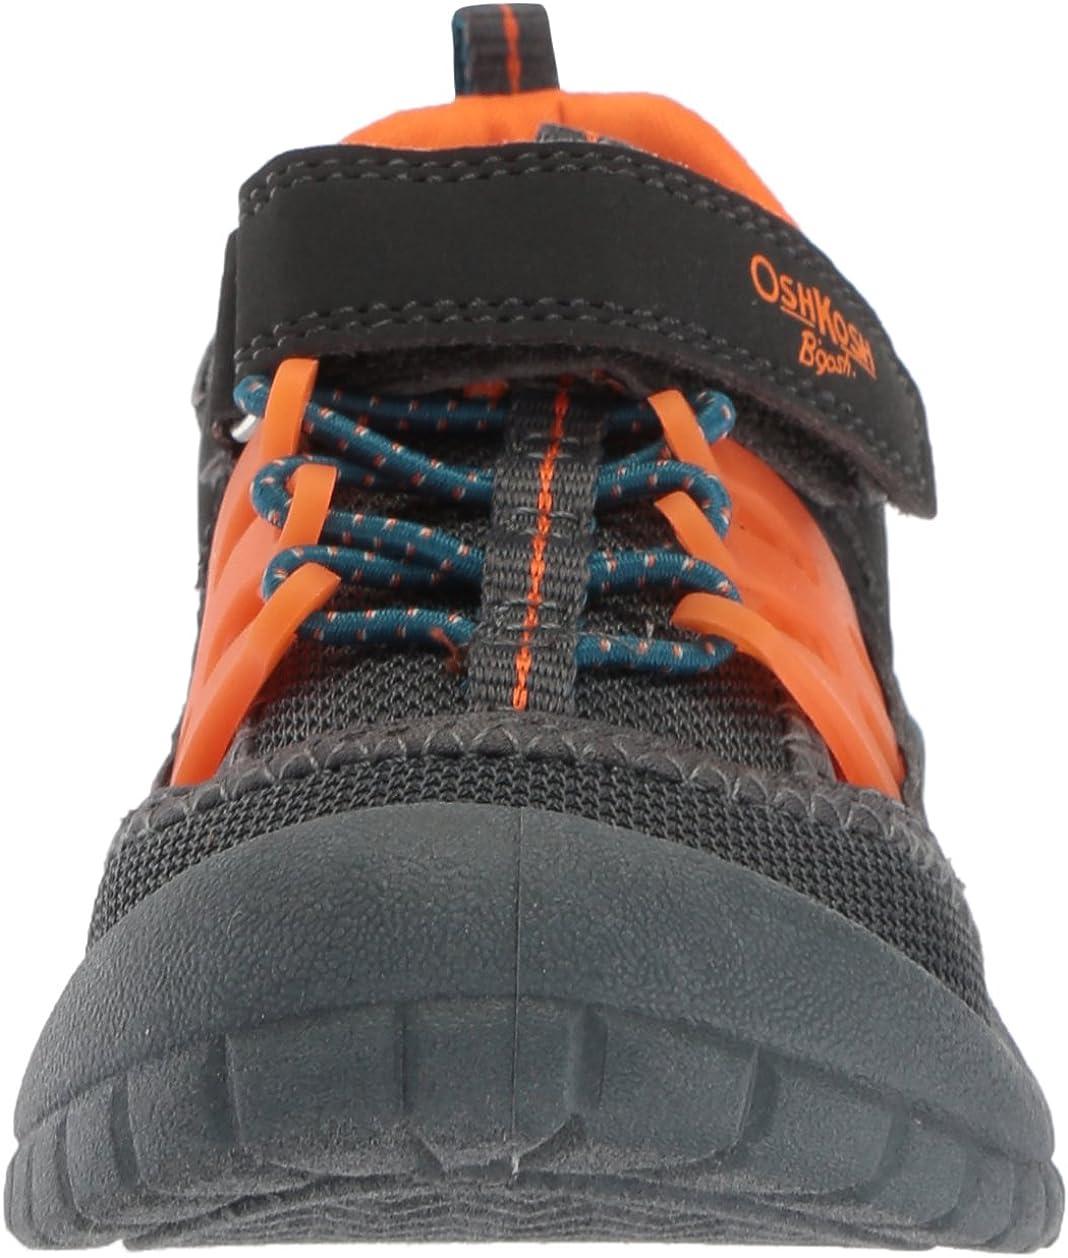 OshKosh BGosh Kids Koda Boys Bumptoe Athletic Sandal Sport